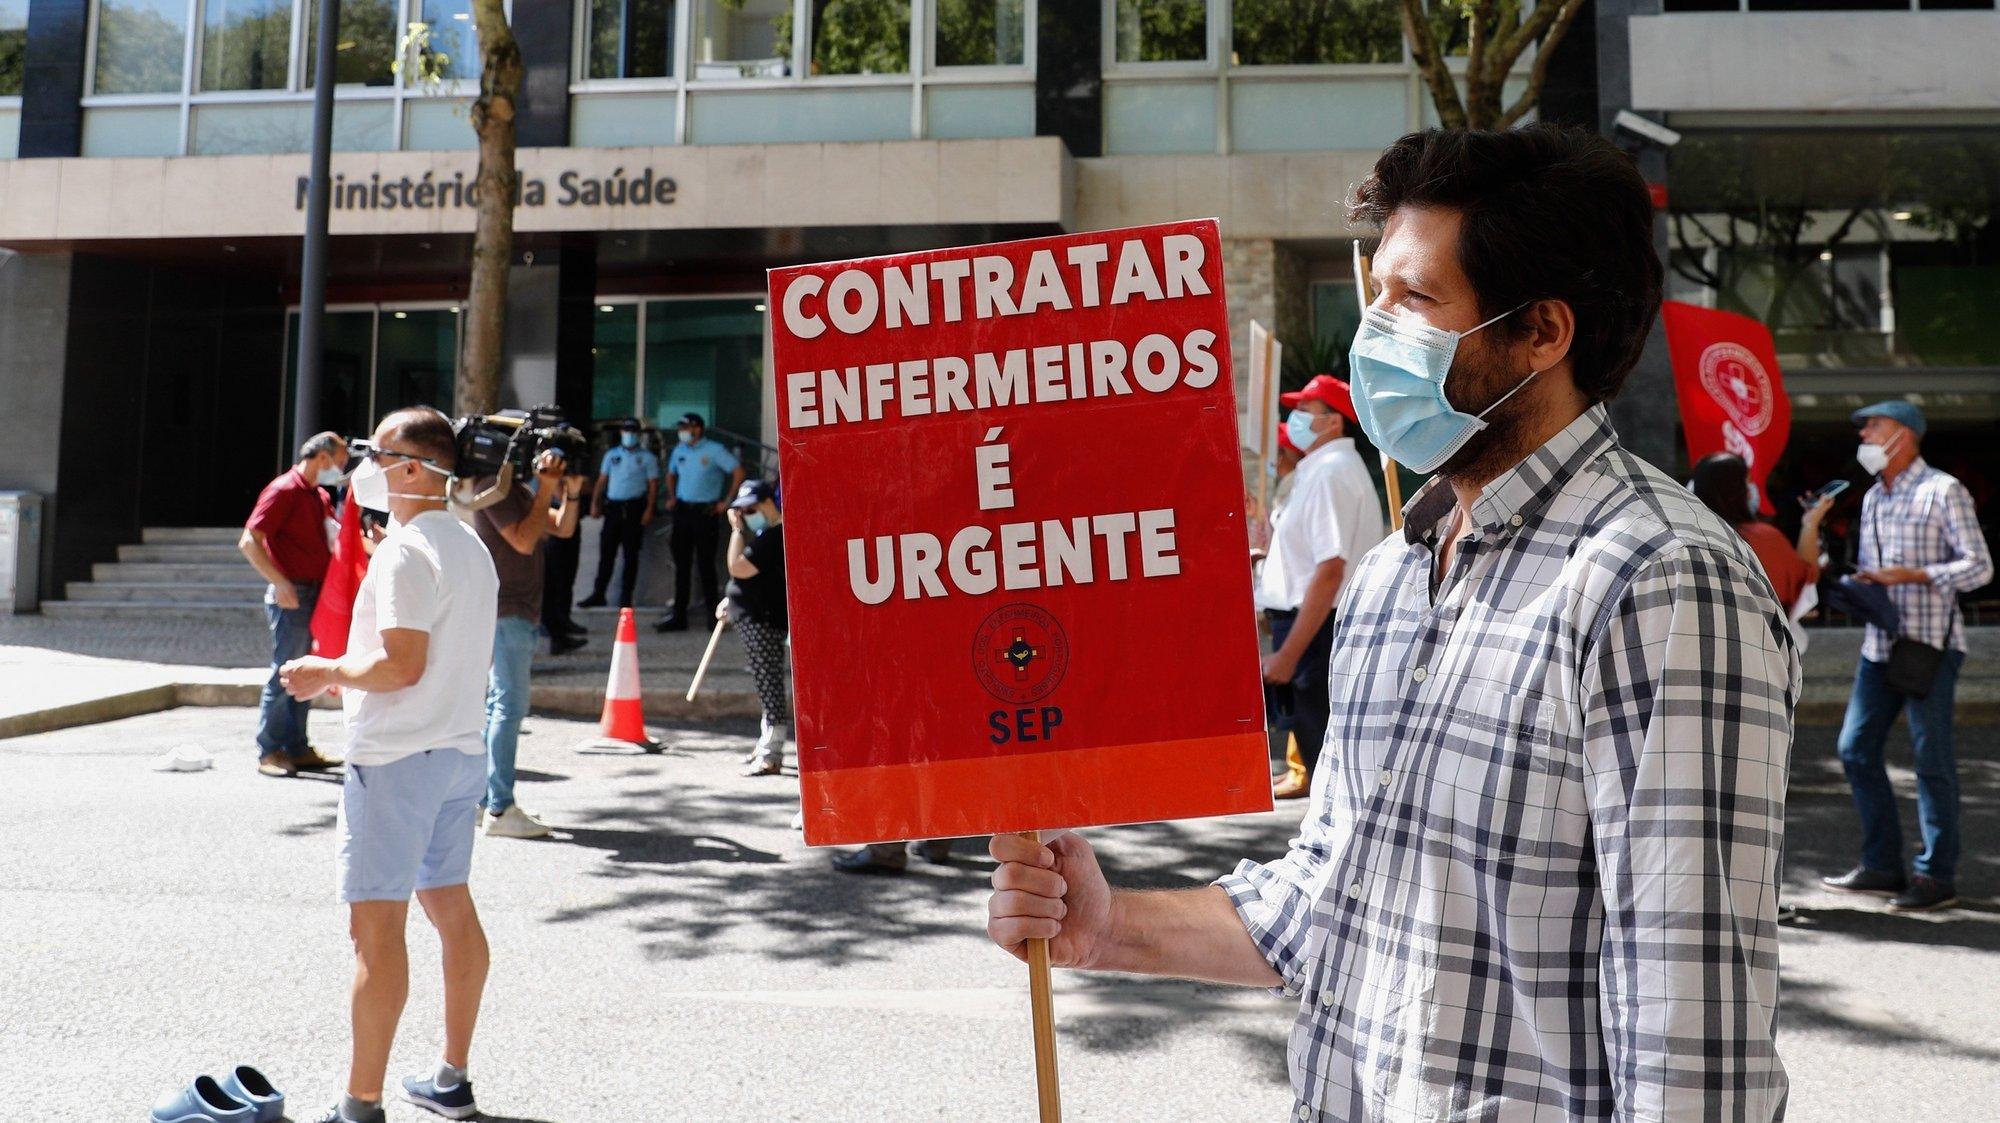 Enfermeiros protestam durante a jornada de ação e luta, organizada pela CGTP-IN, junto ao ministério da Saúde, em Lisboa 01 de julho  de 2021. ANTÓNIO COTRIM/LUSA